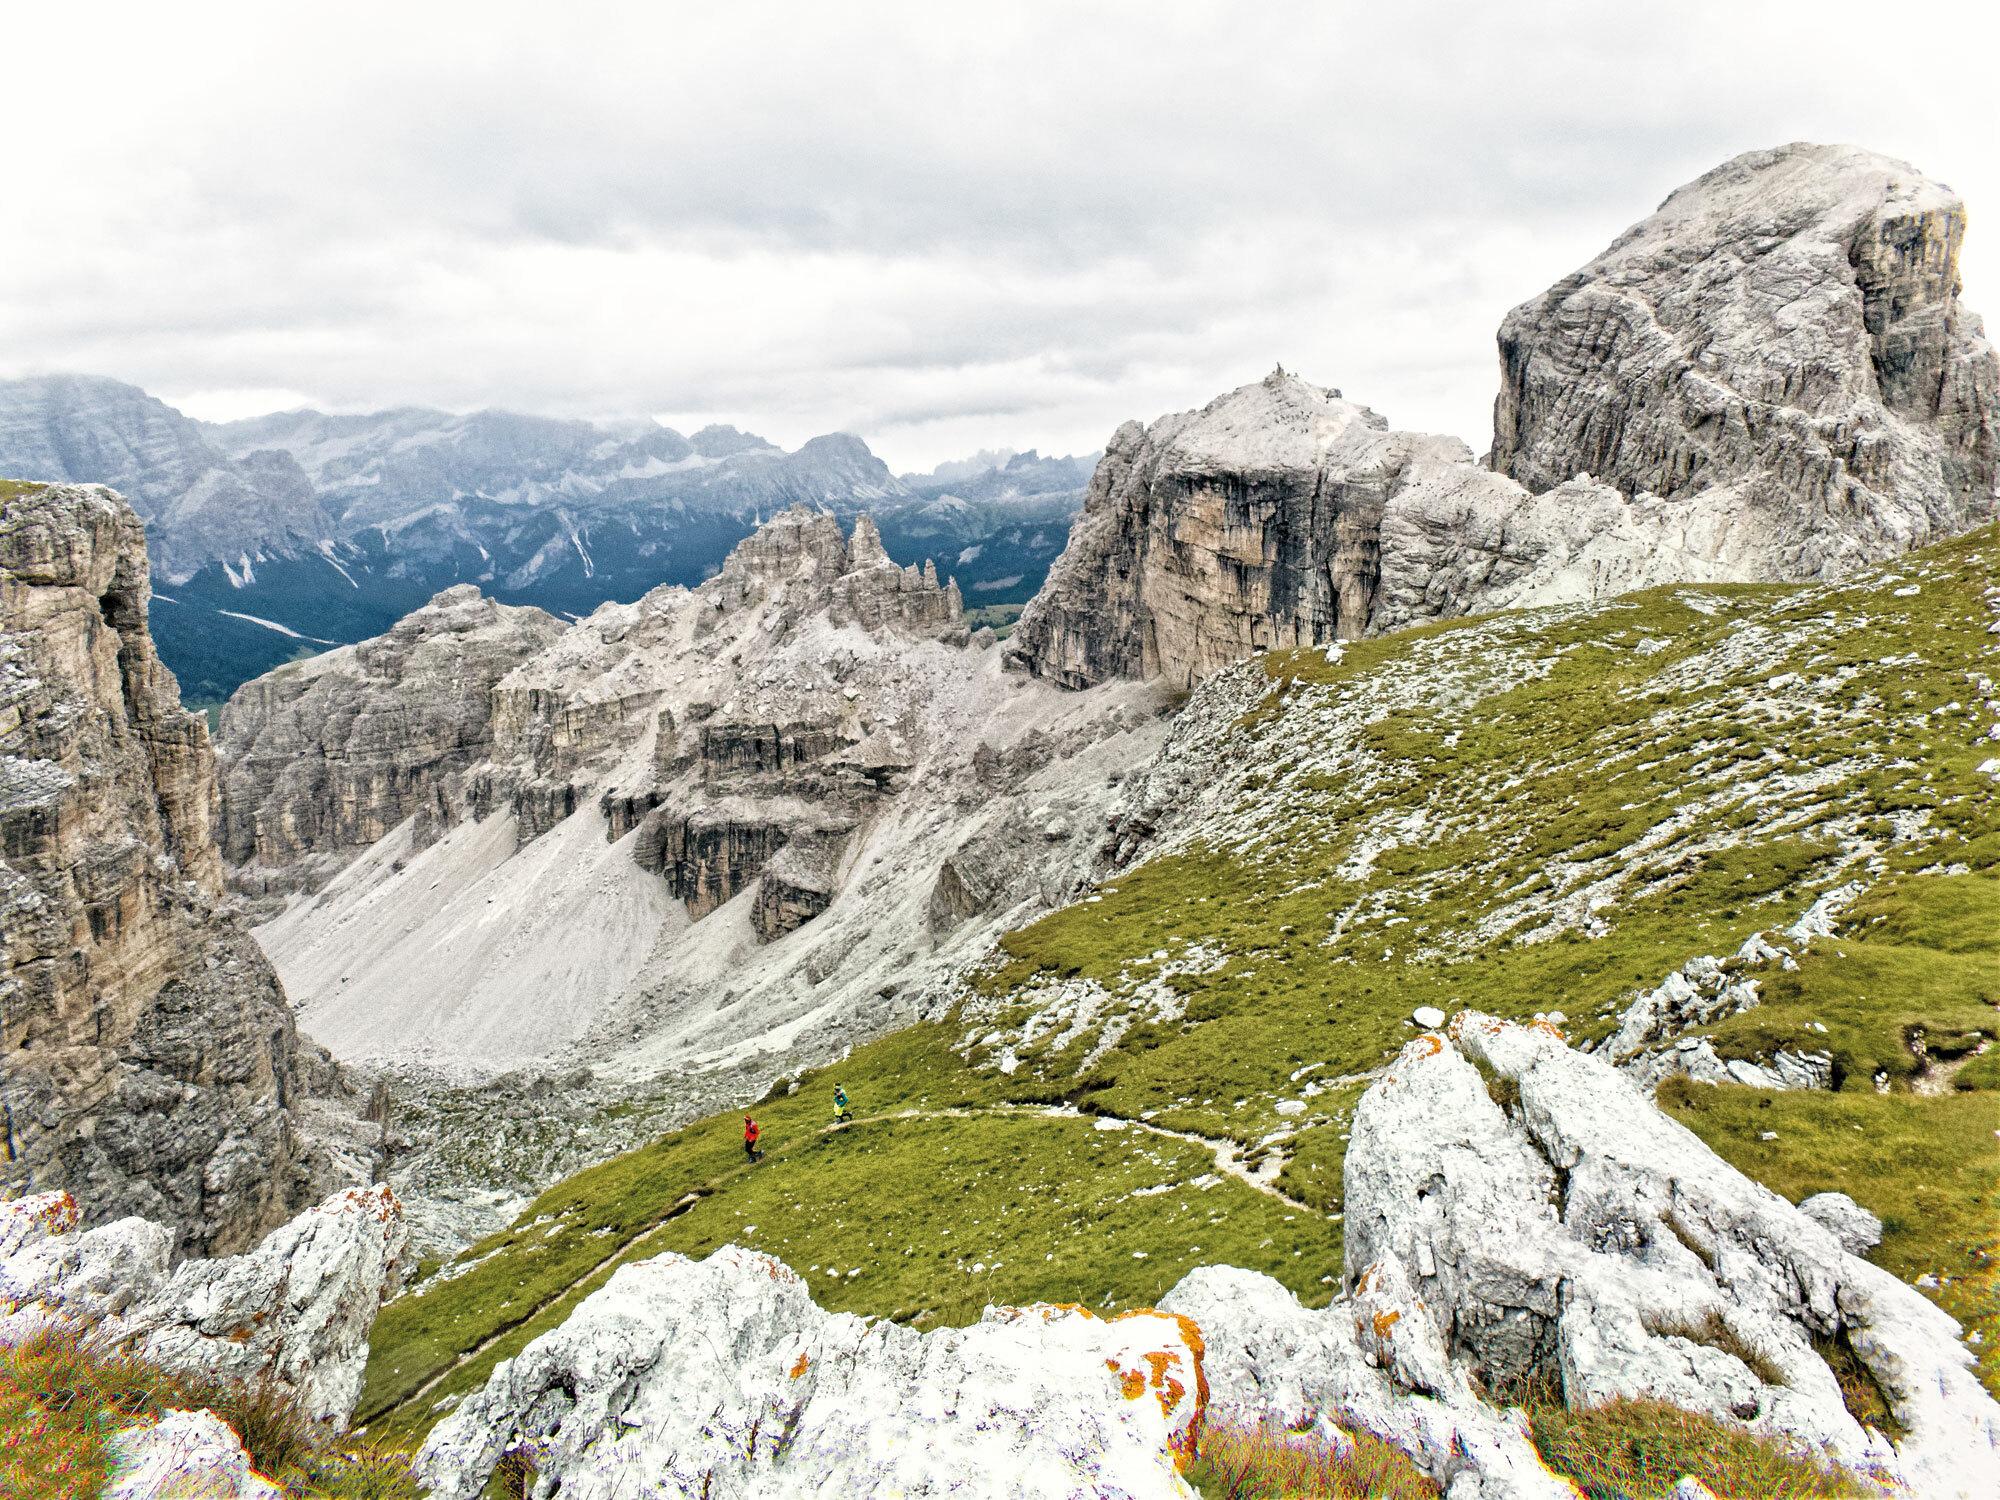 Im Laufschritt zum Höhenflug – Trailrunning in Alta Badia